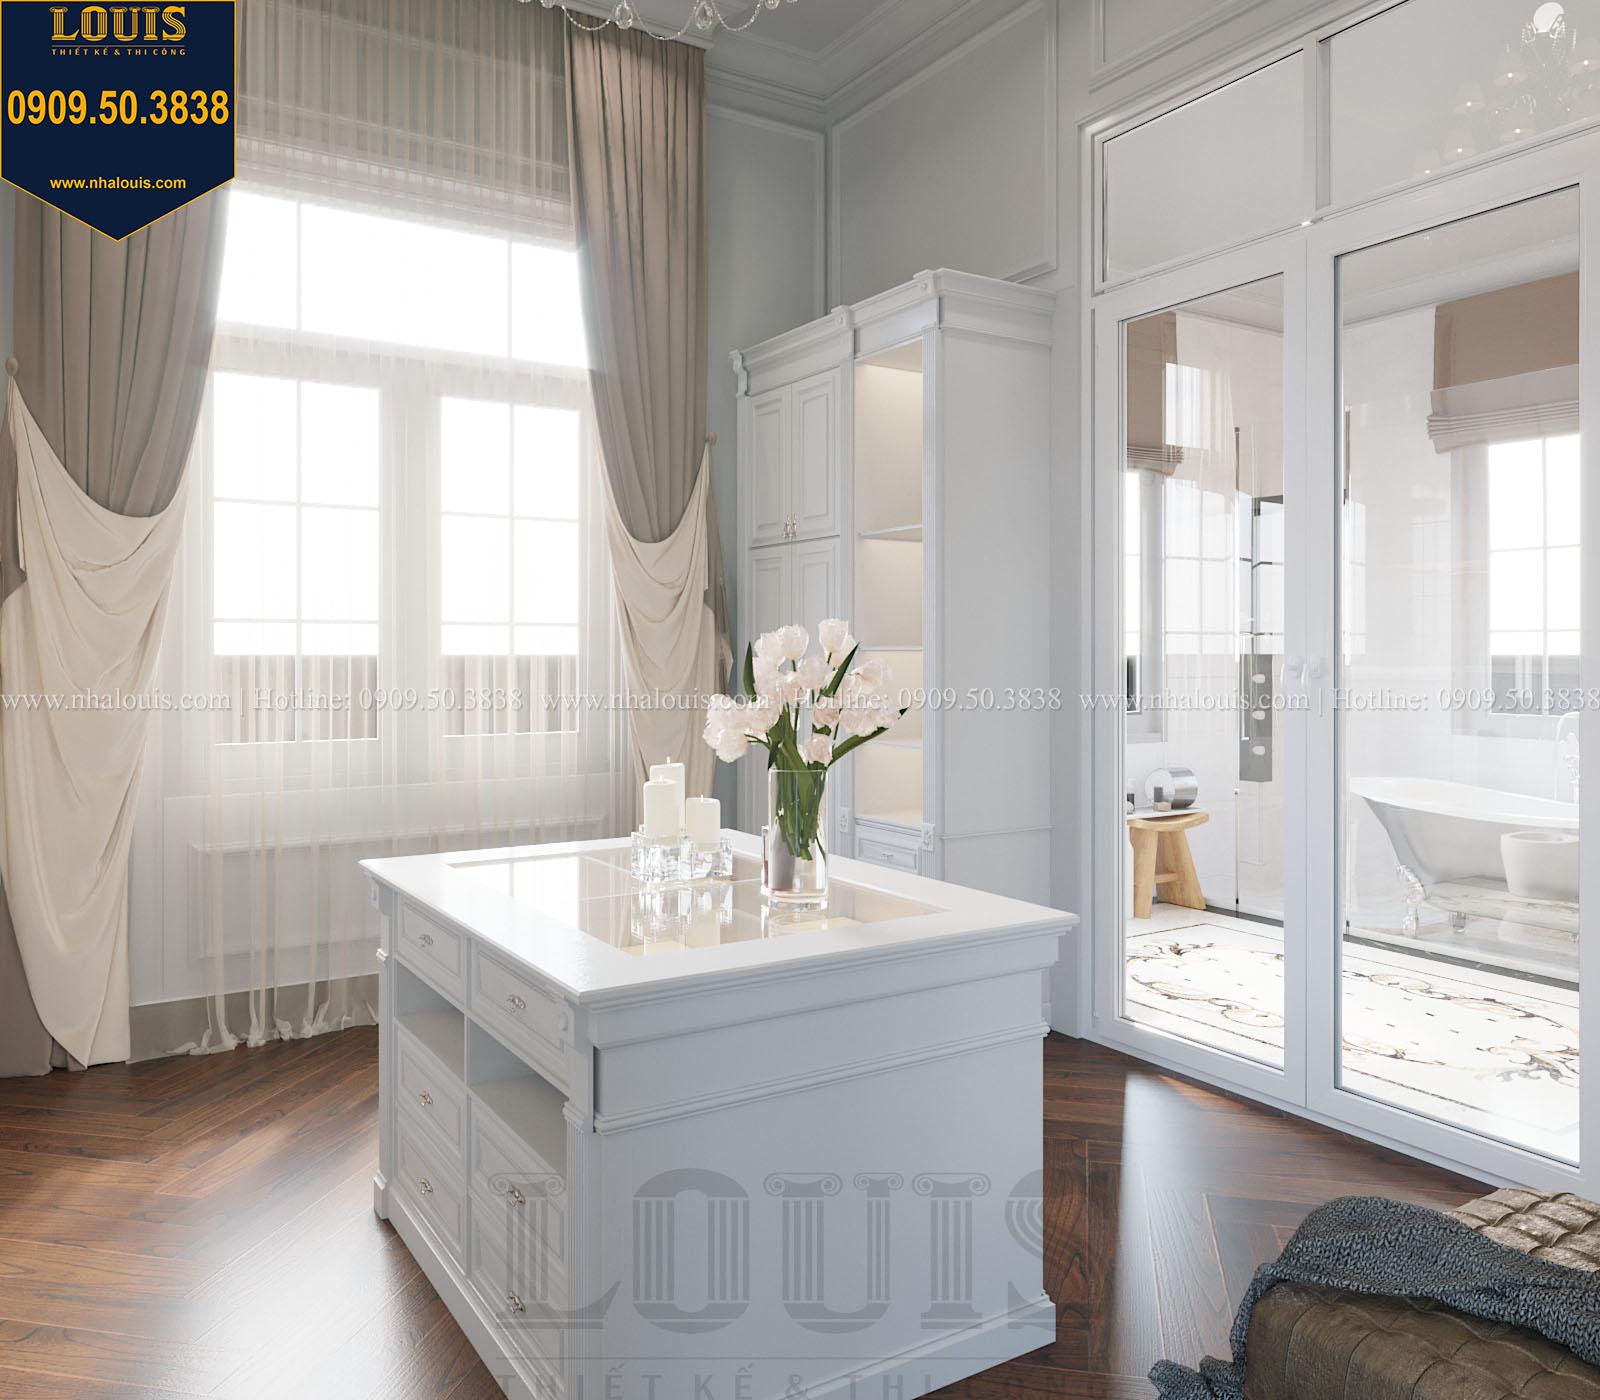 Phòng thay đồ biệt thự 2 tầng đẹp - 028